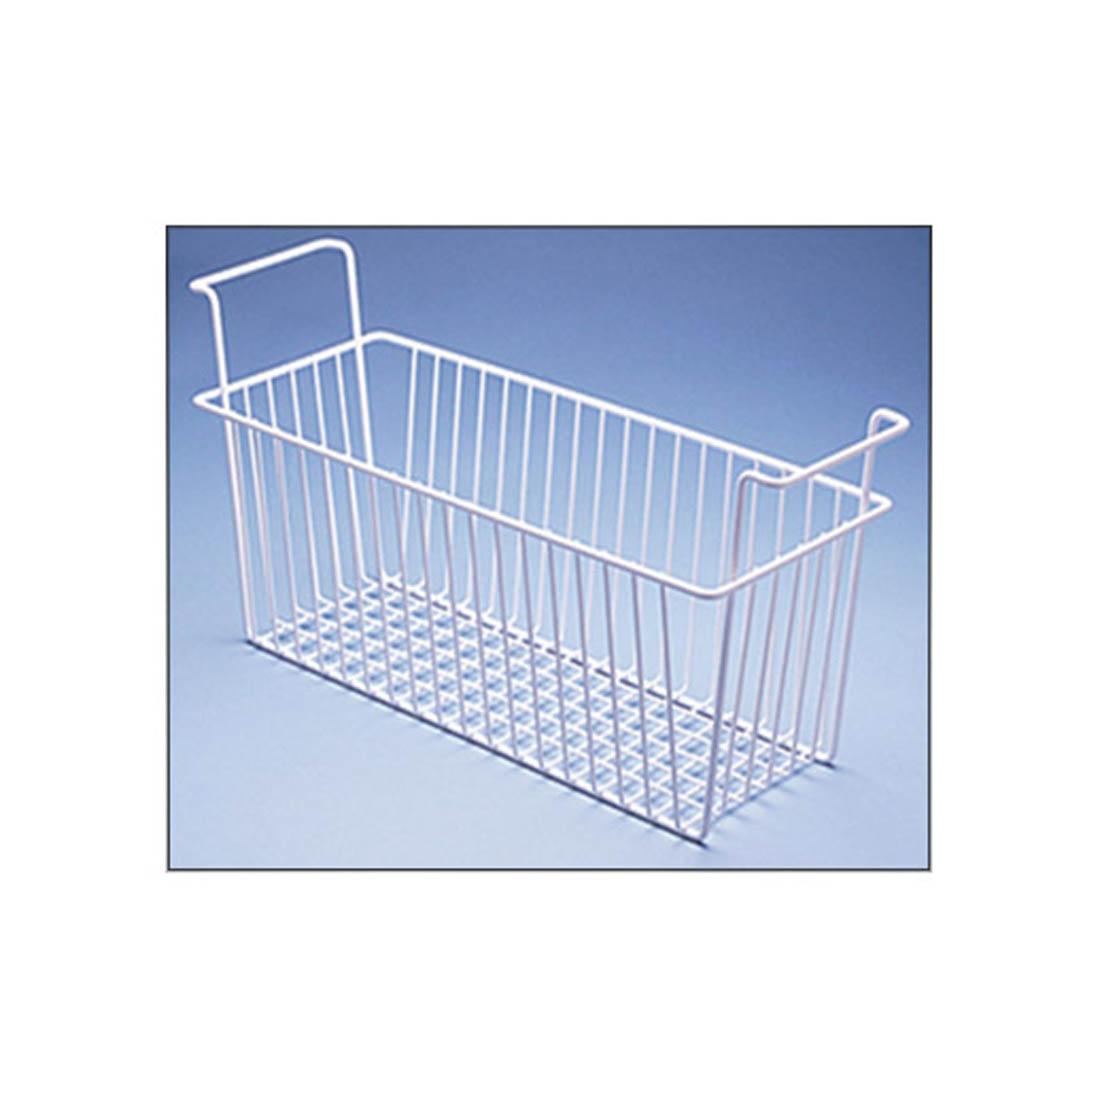 BD598F-BASKET Basket for BD598F Chest Freezer